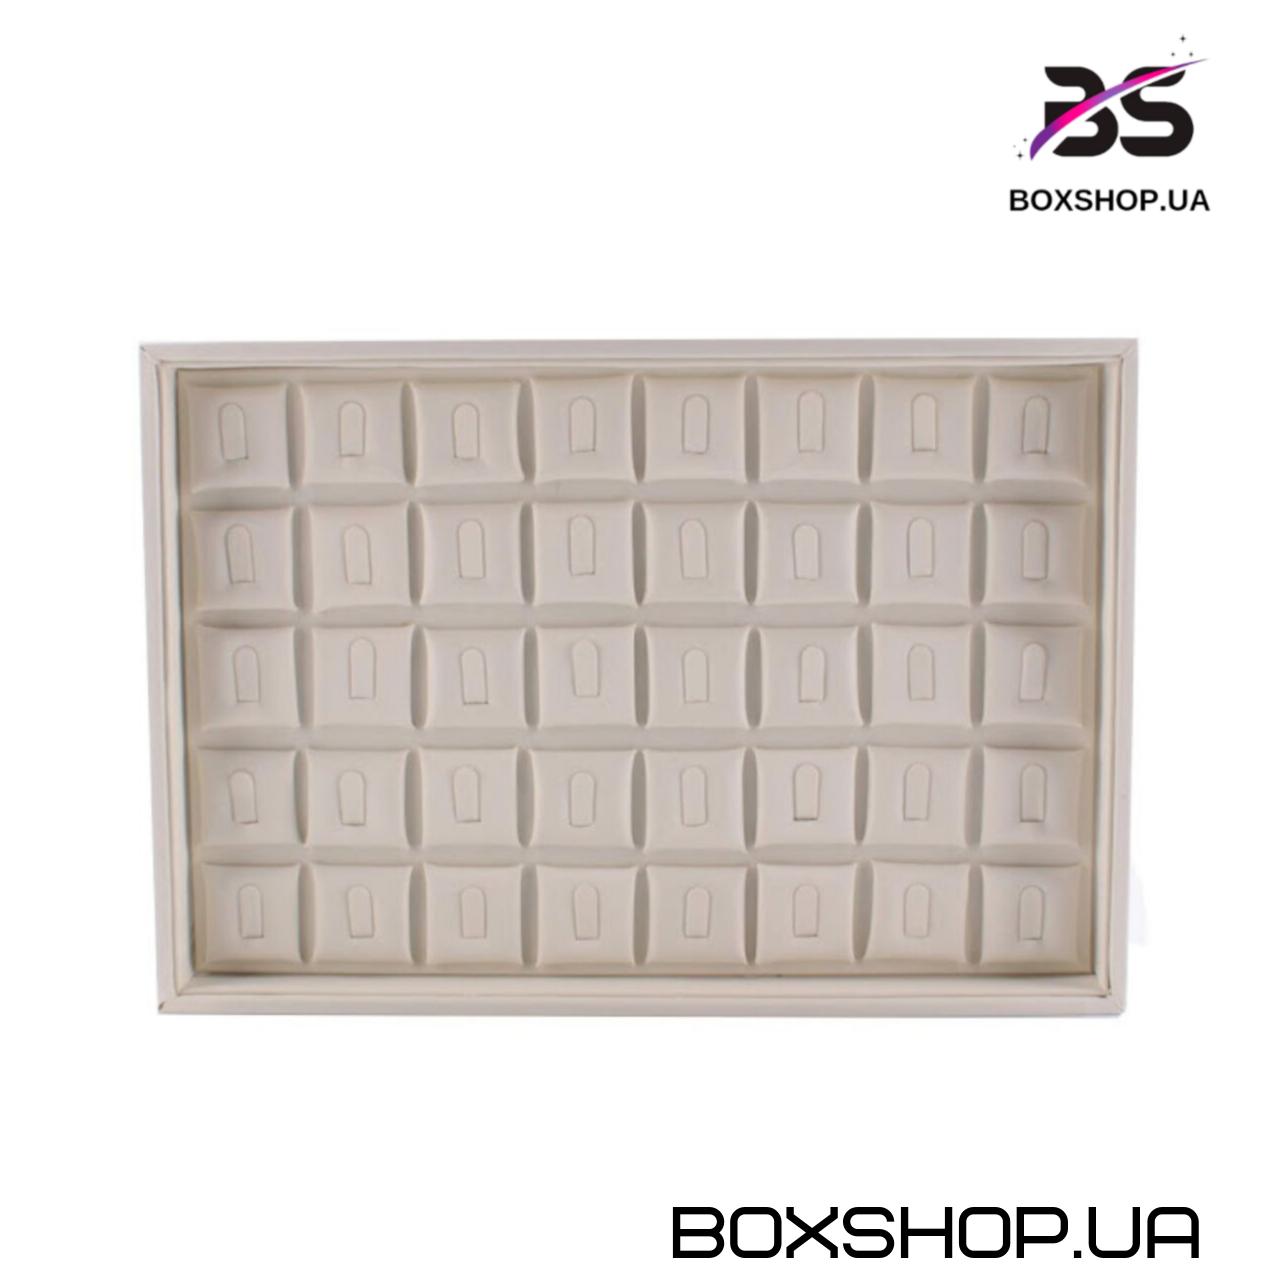 Ювелирный планшет BOXSHOP - 1021714629